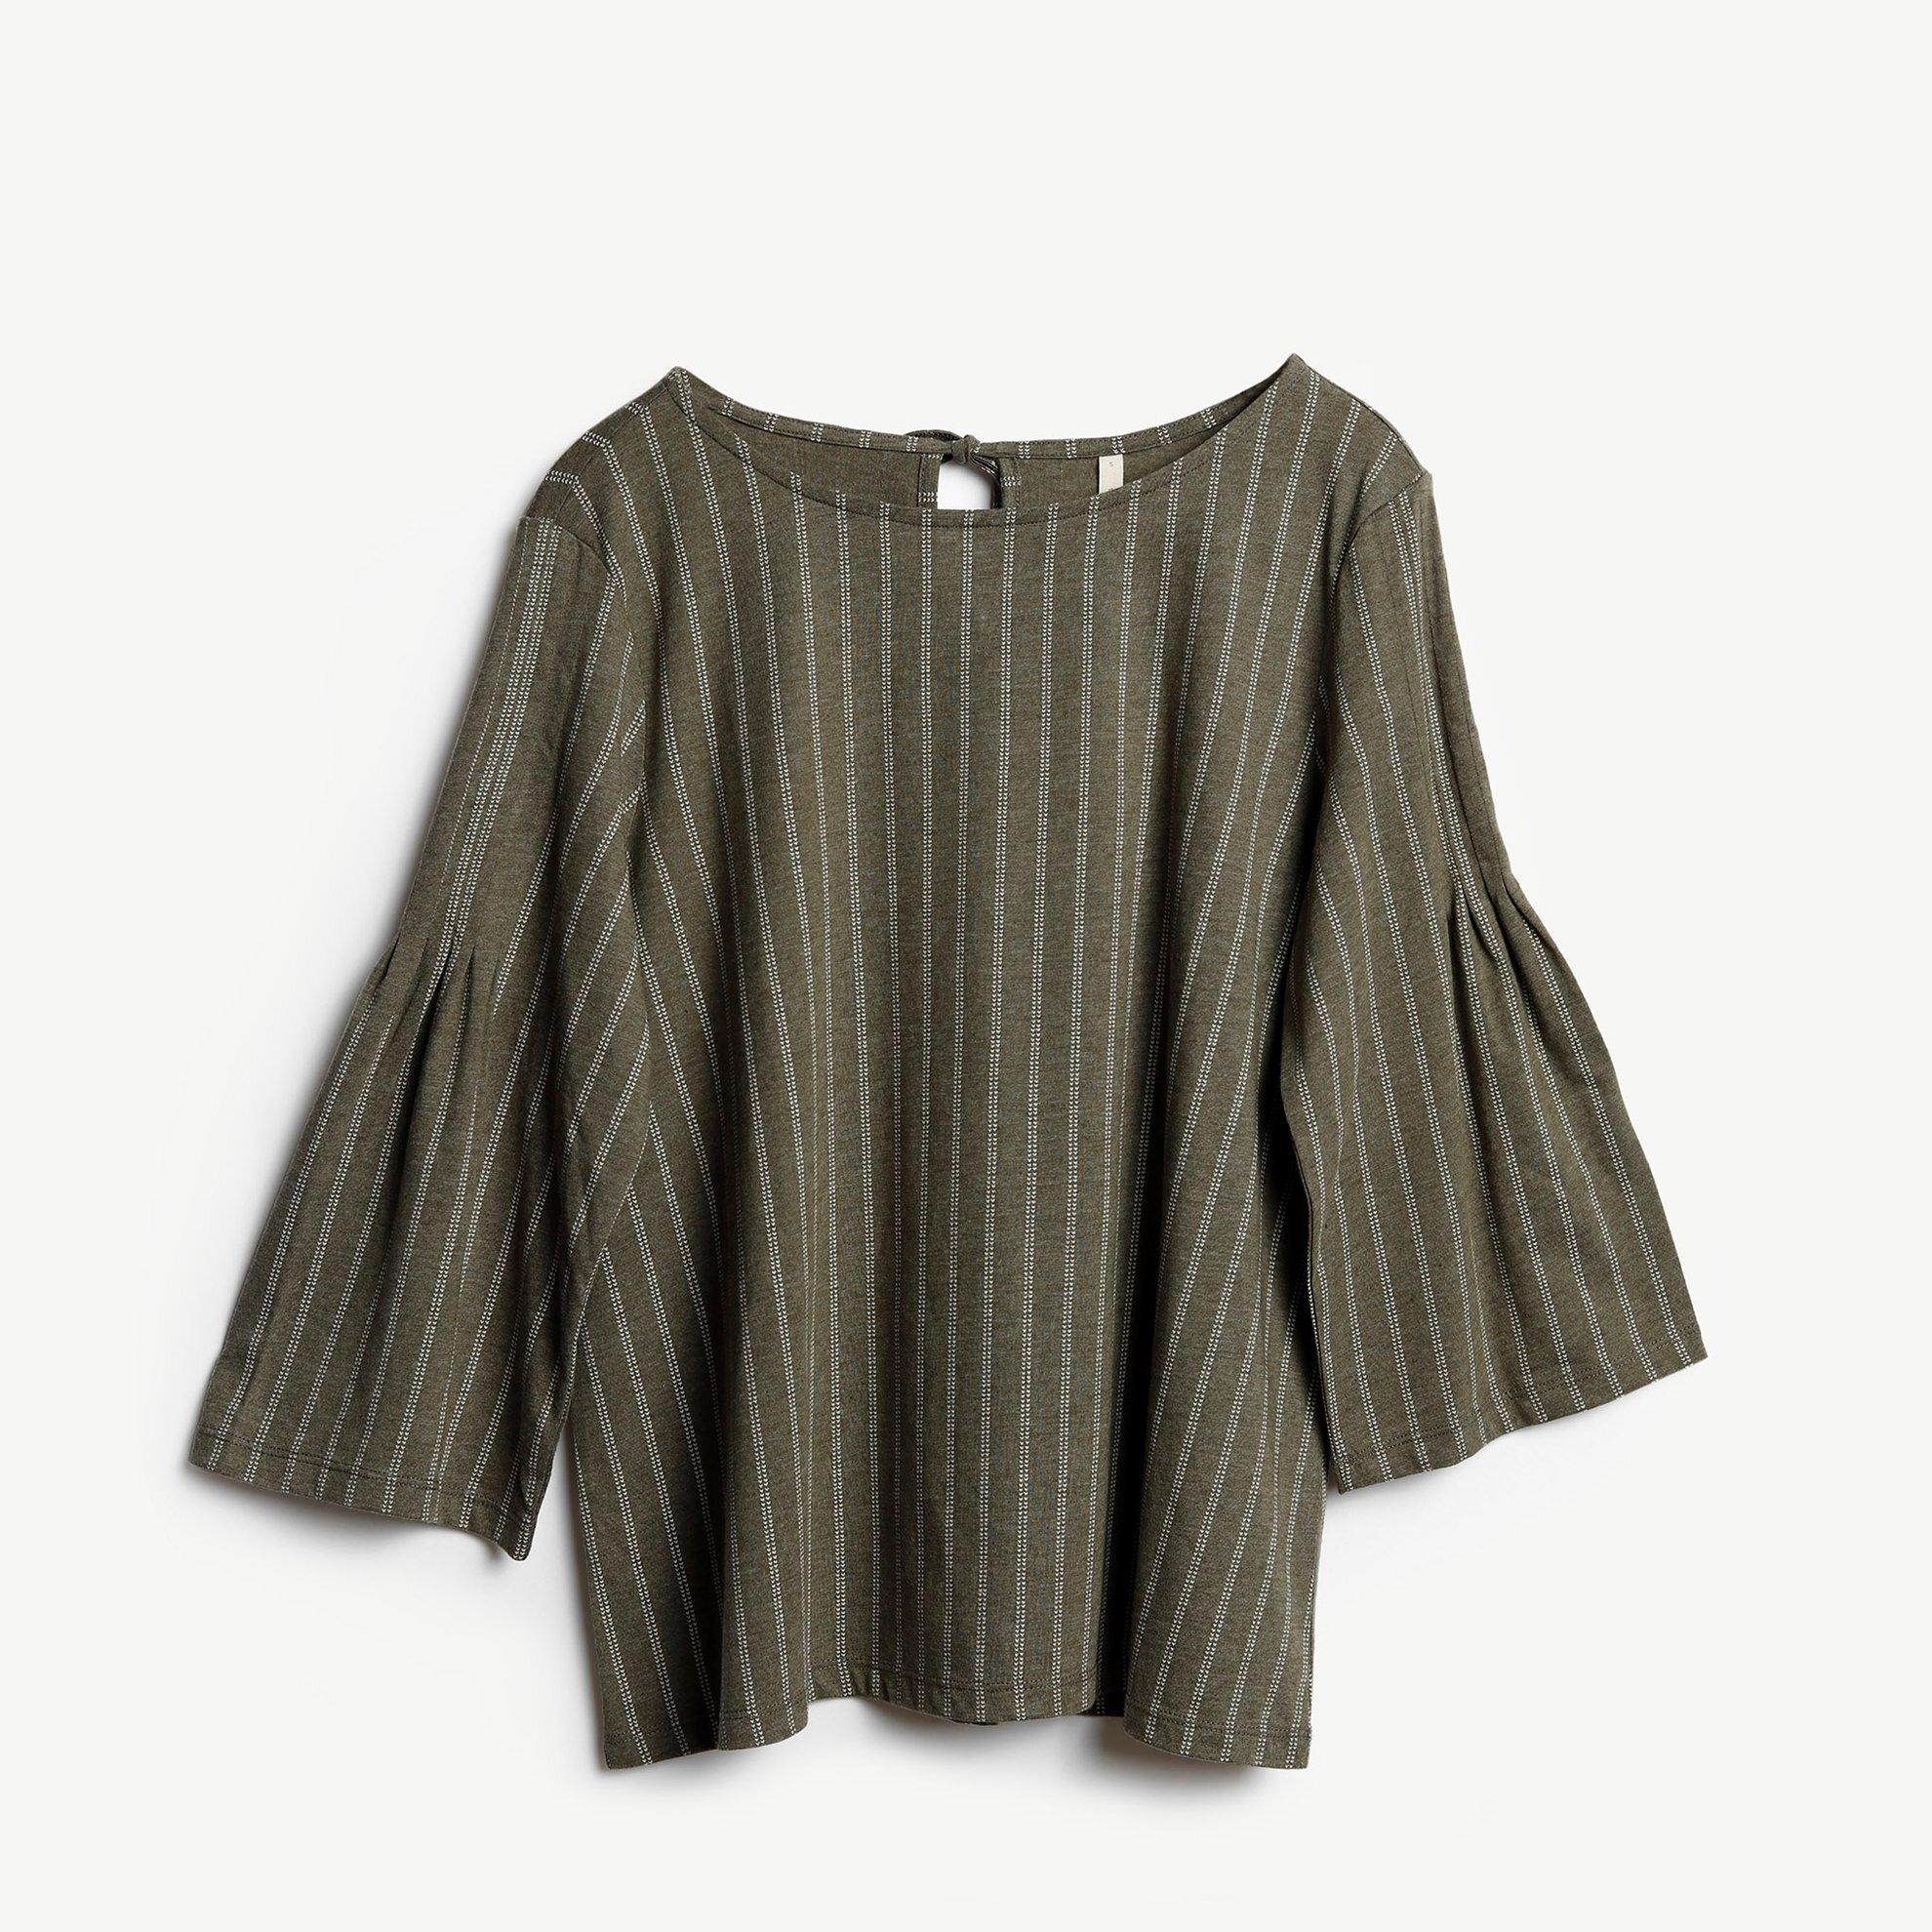 Pintuck Detailed 3/4 Sleeve T-Shirt